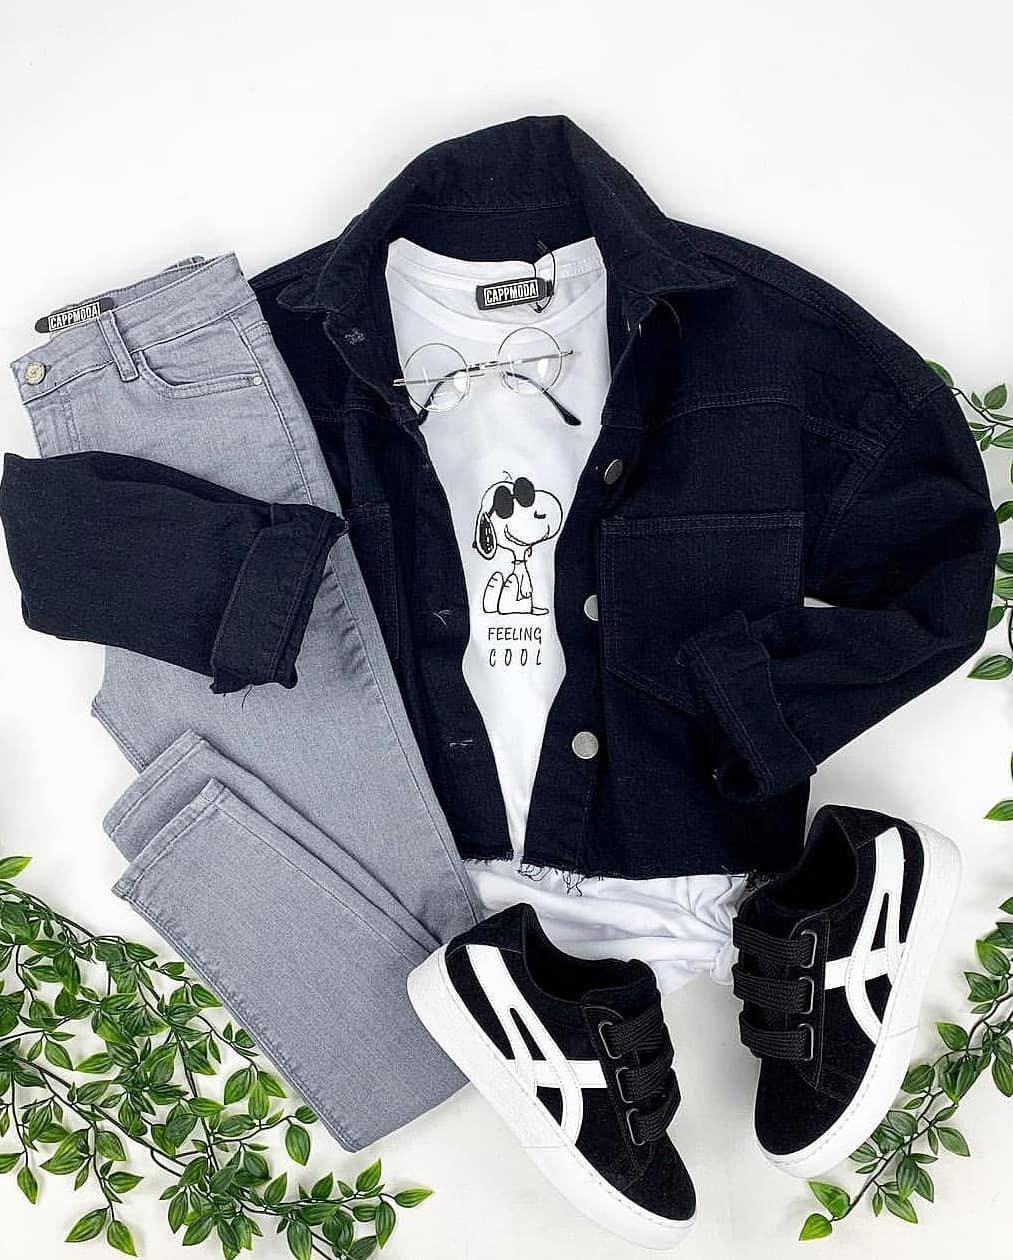 fashioninhappiness bvswkaufpbe3829841357708777494